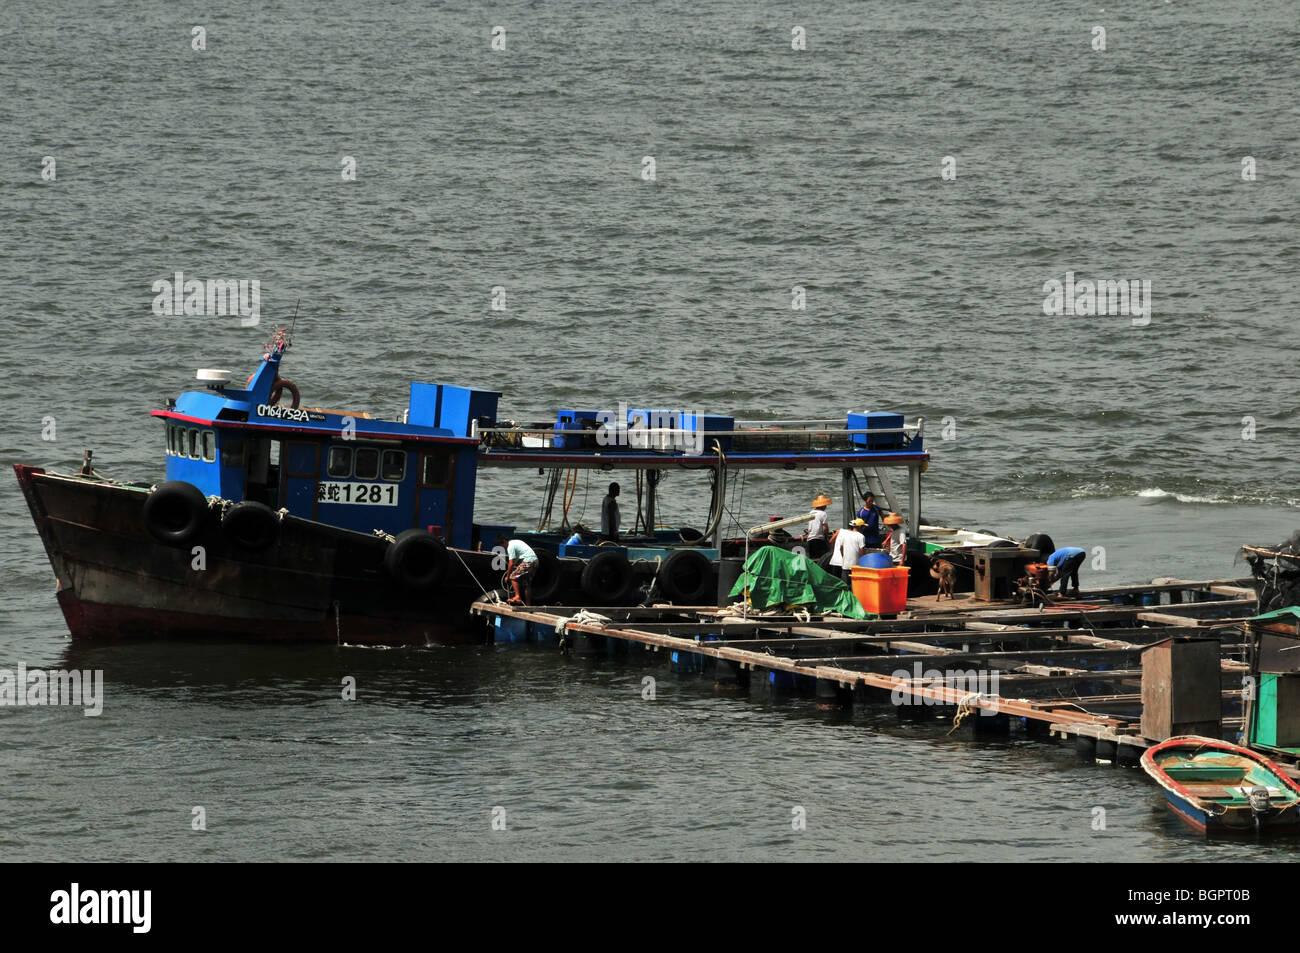 Fishing boat loading up with fish from a fish farming raft, Sok Kwu Wan, Lamma Island, Hong Kong, China - Stock Image